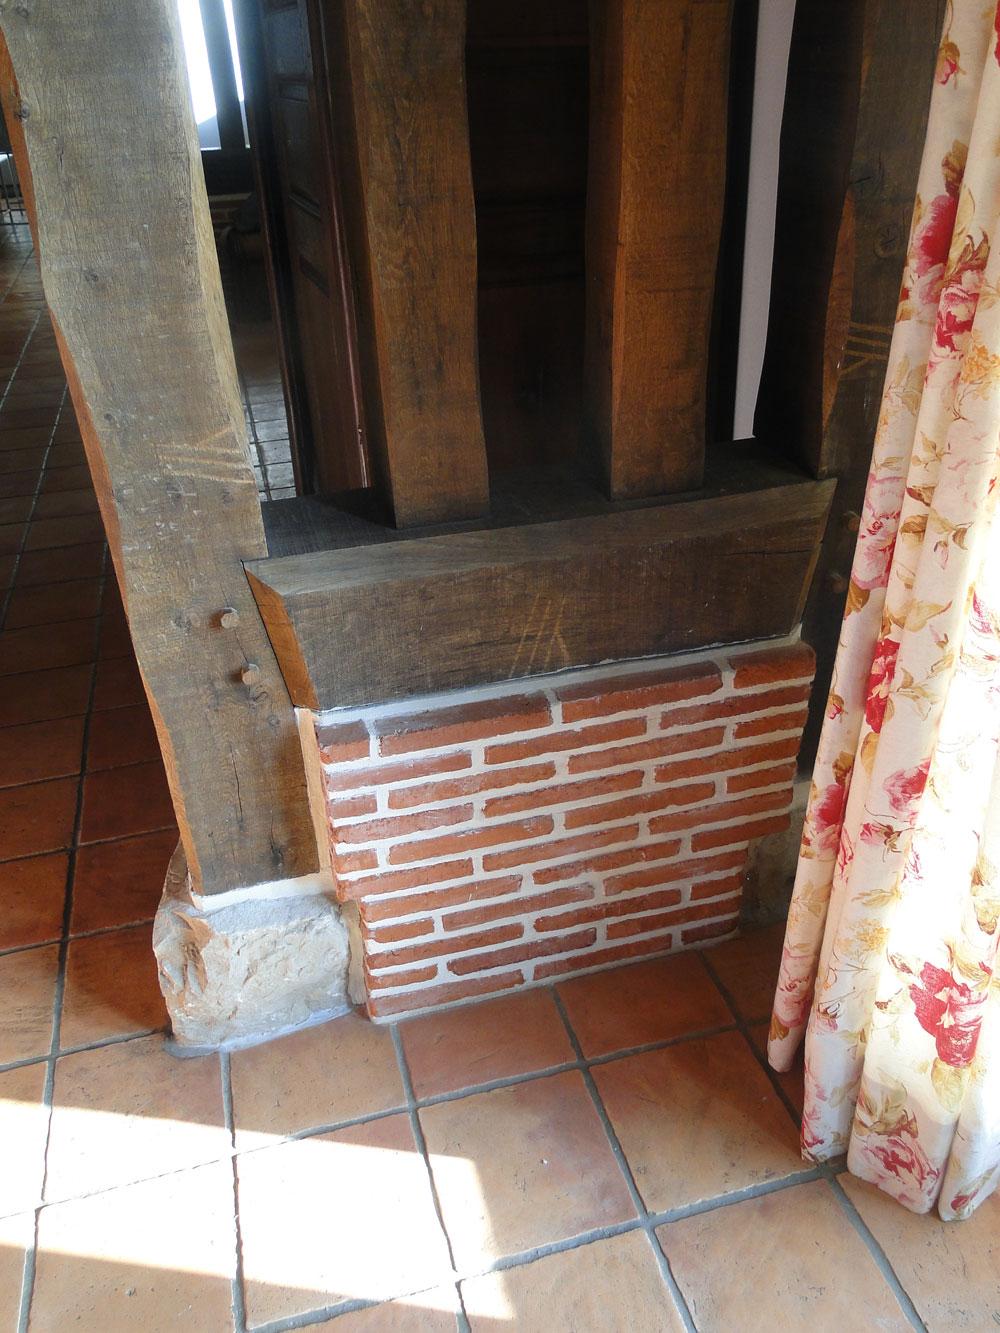 Am nagement int rieur r novation mur construction for Restauration maison normande